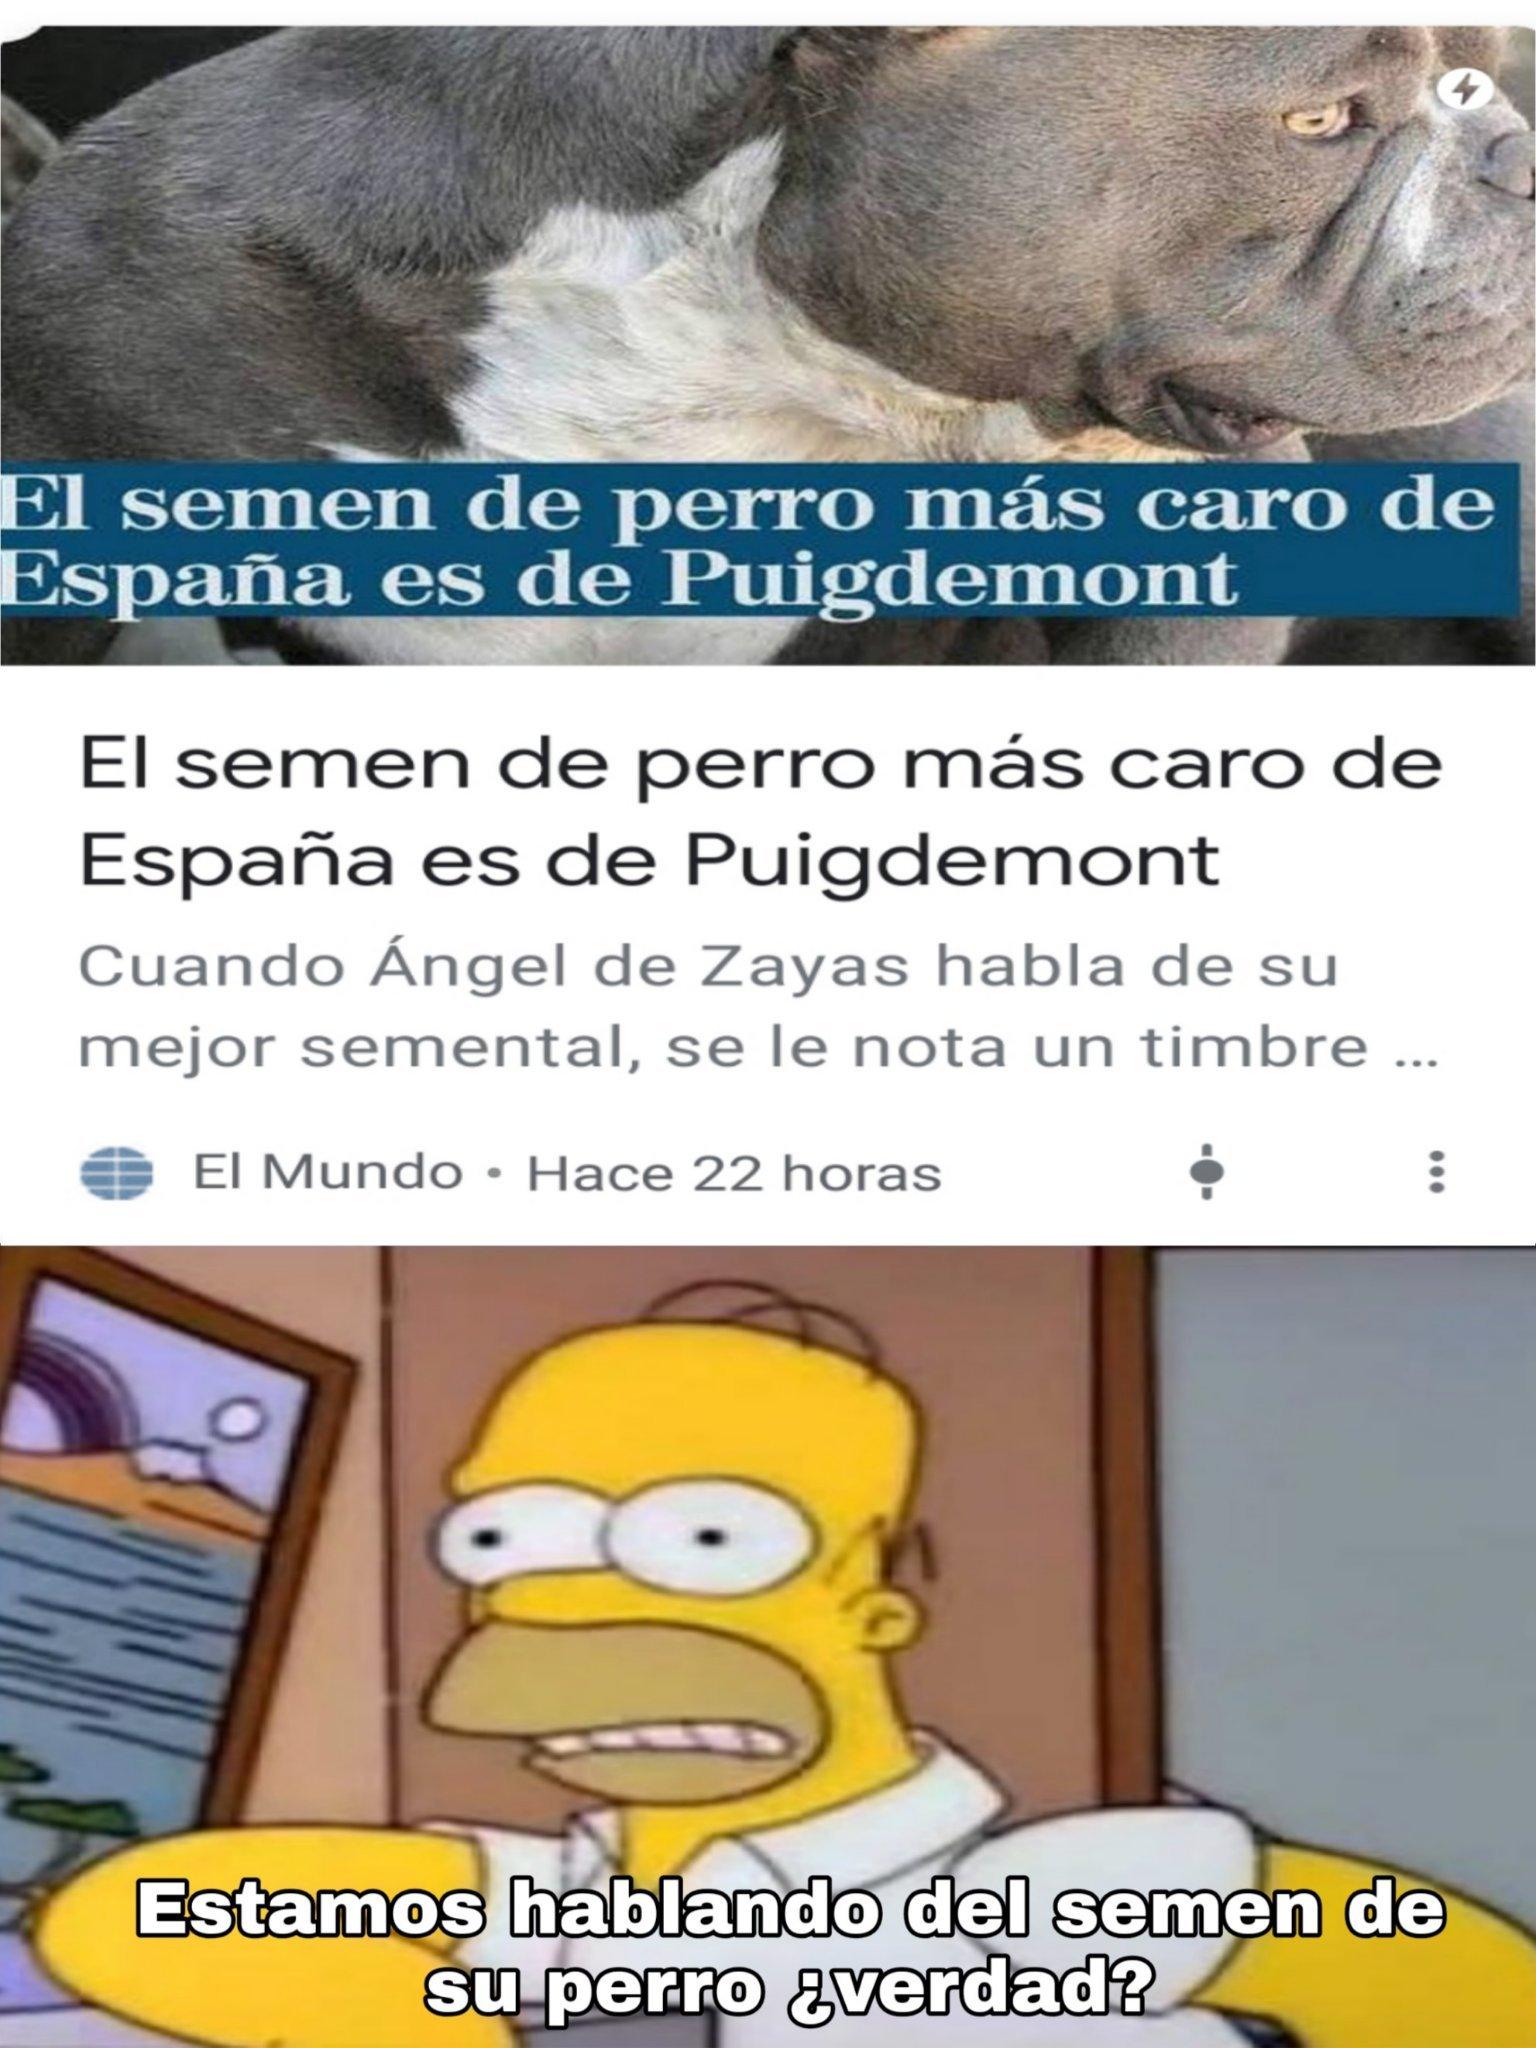 El semen de Puigdemont es el semen de perro más caro. - meme